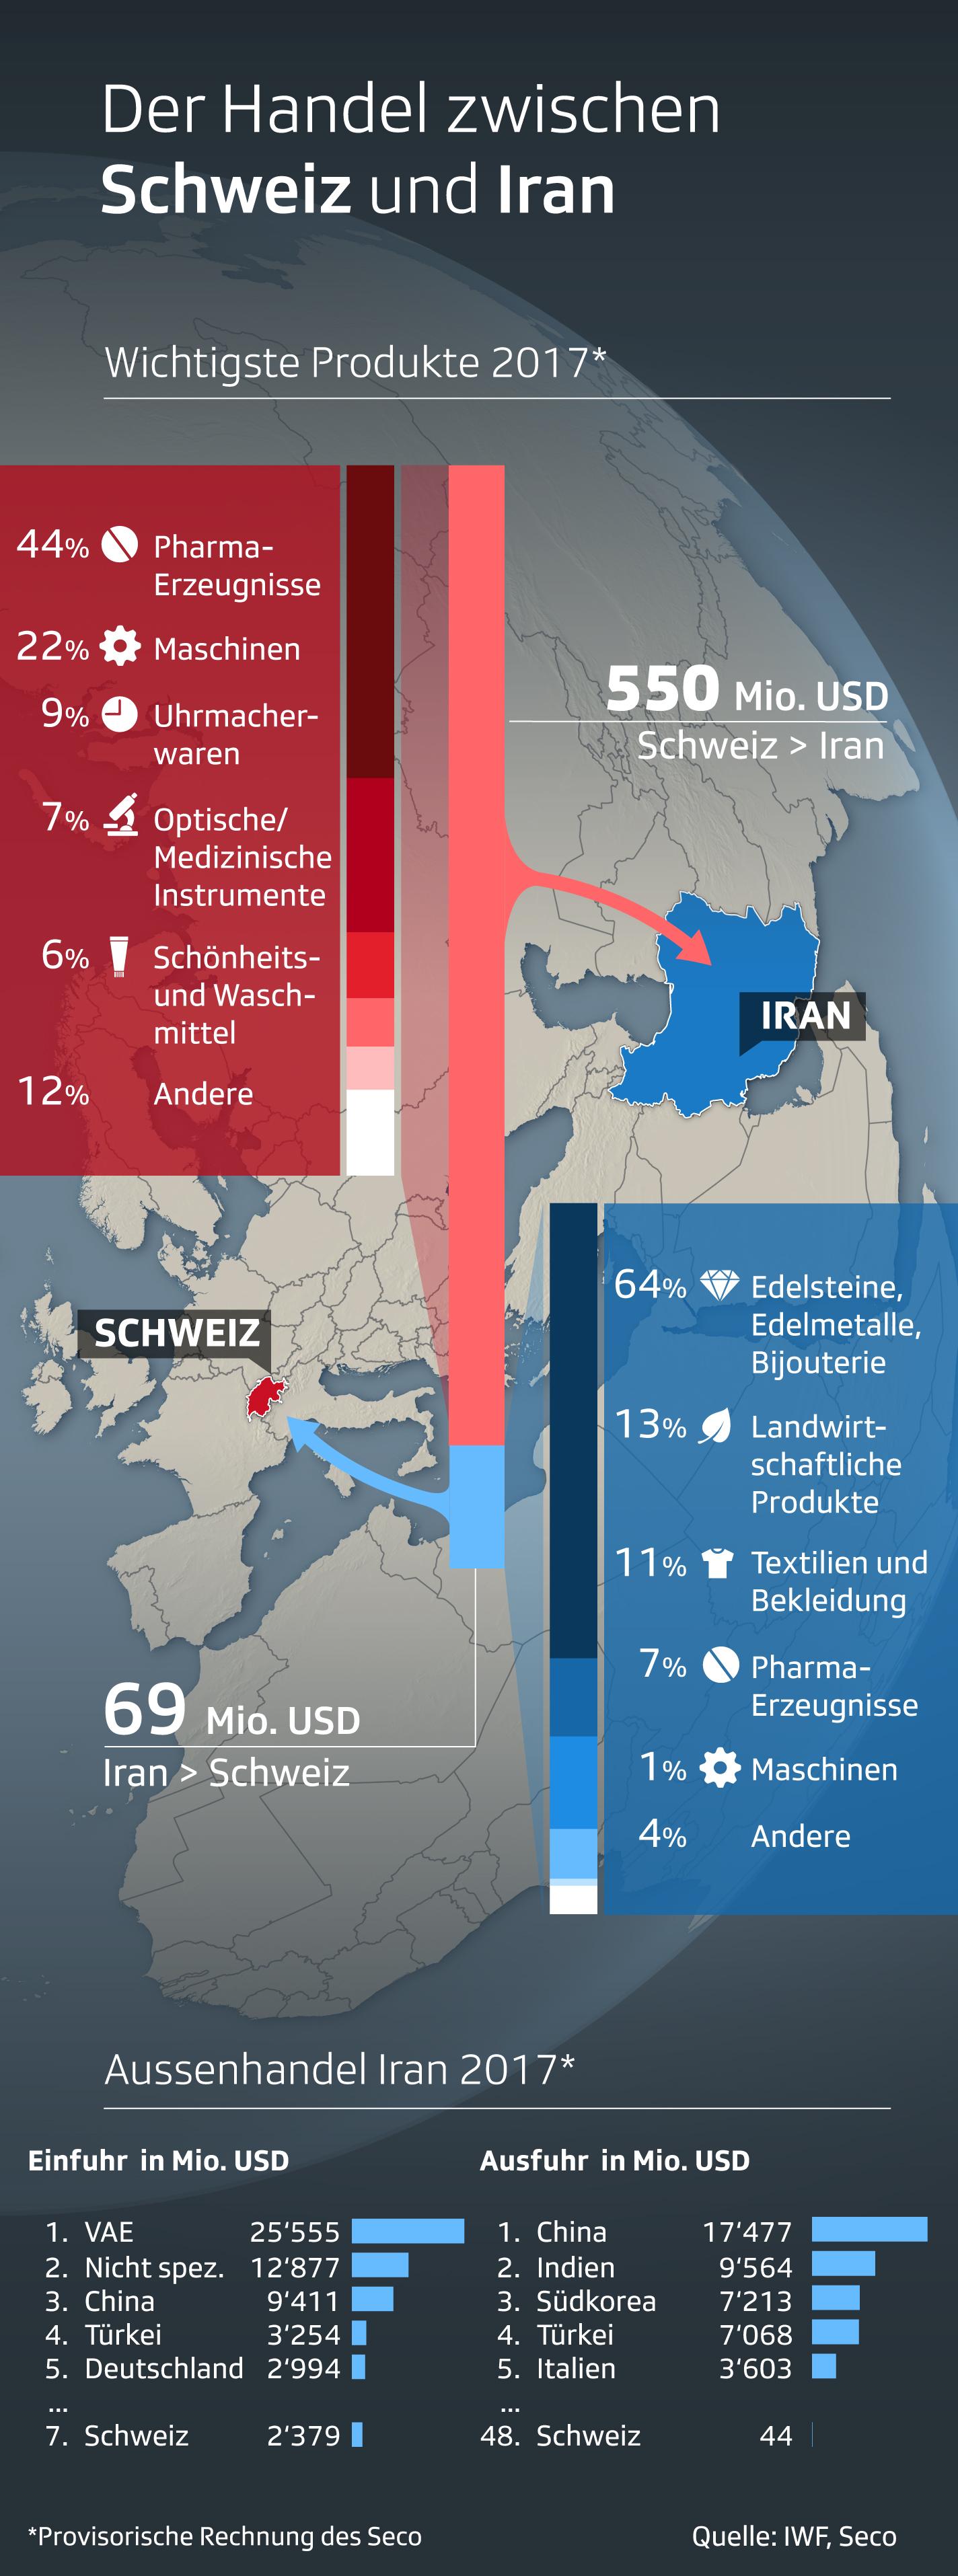 Infografik zeigt Zahlen zum Handel zwischen der Schweiz und Iran